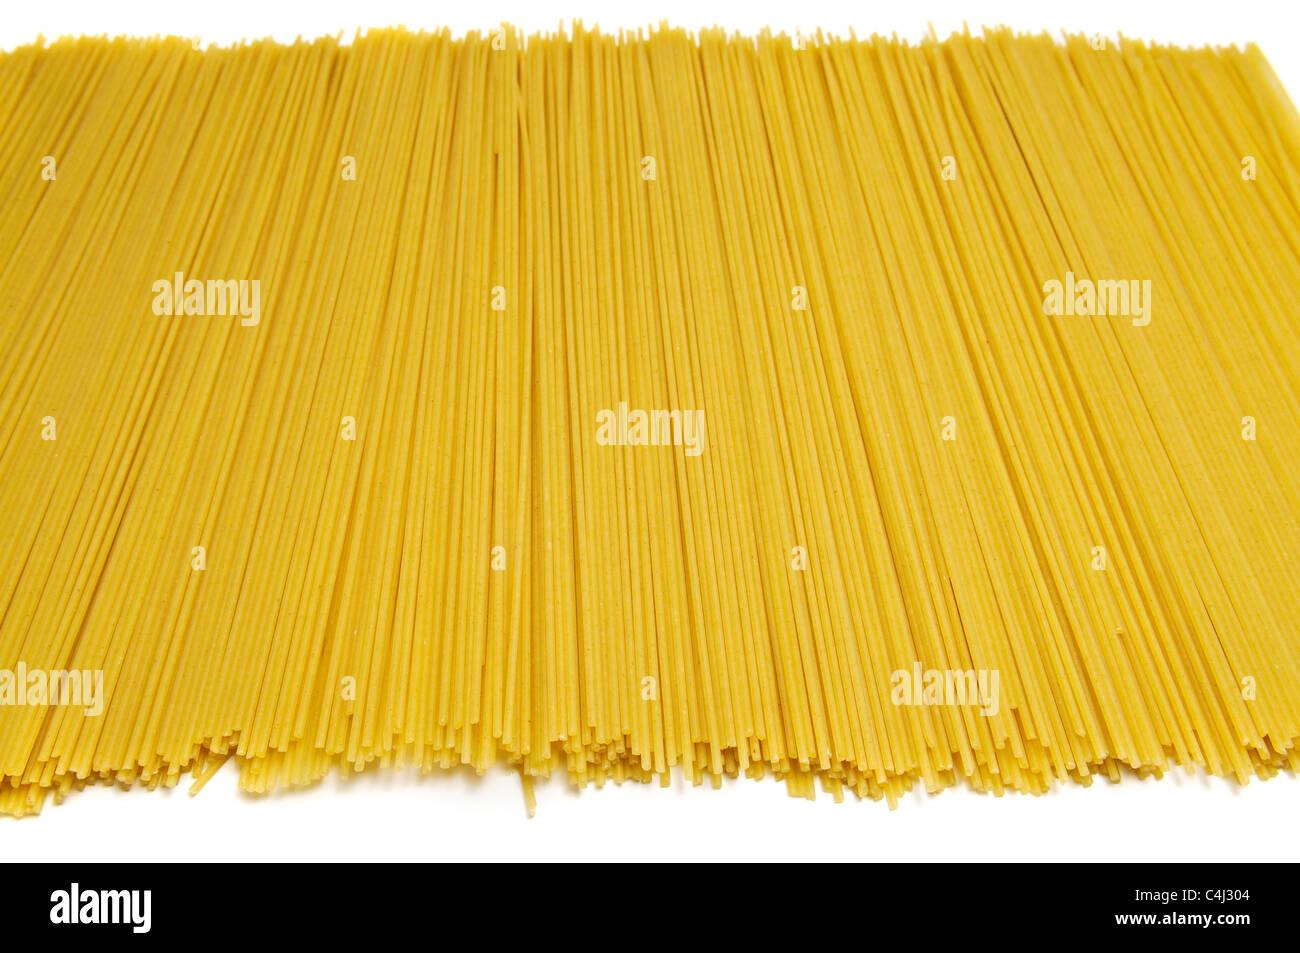 Les pâtes italiennes sur fond blanc Photo Stock